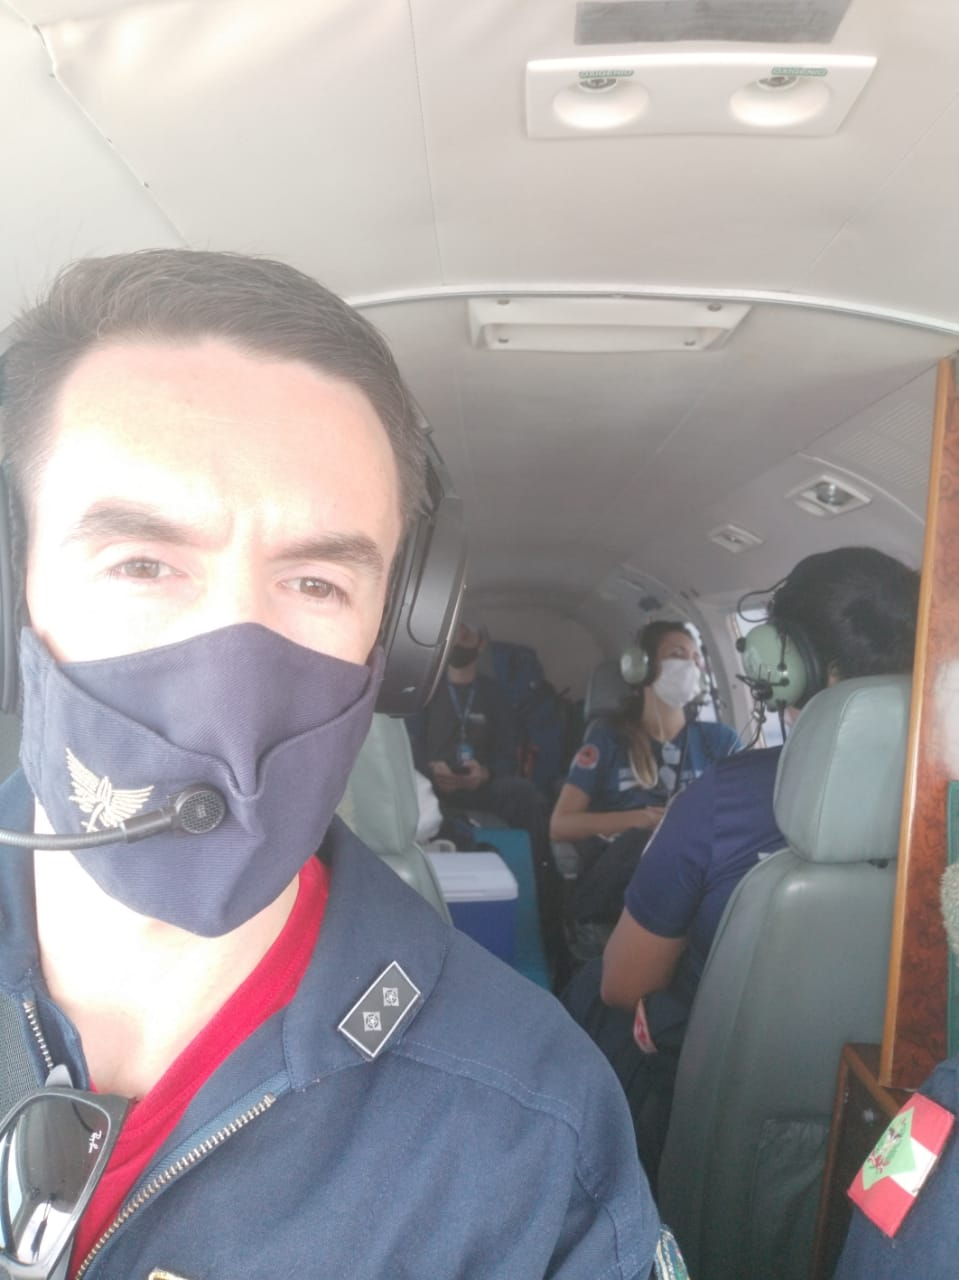 Tripulantes registraram momentos no voo. - CBMSC/Divulgação/ND